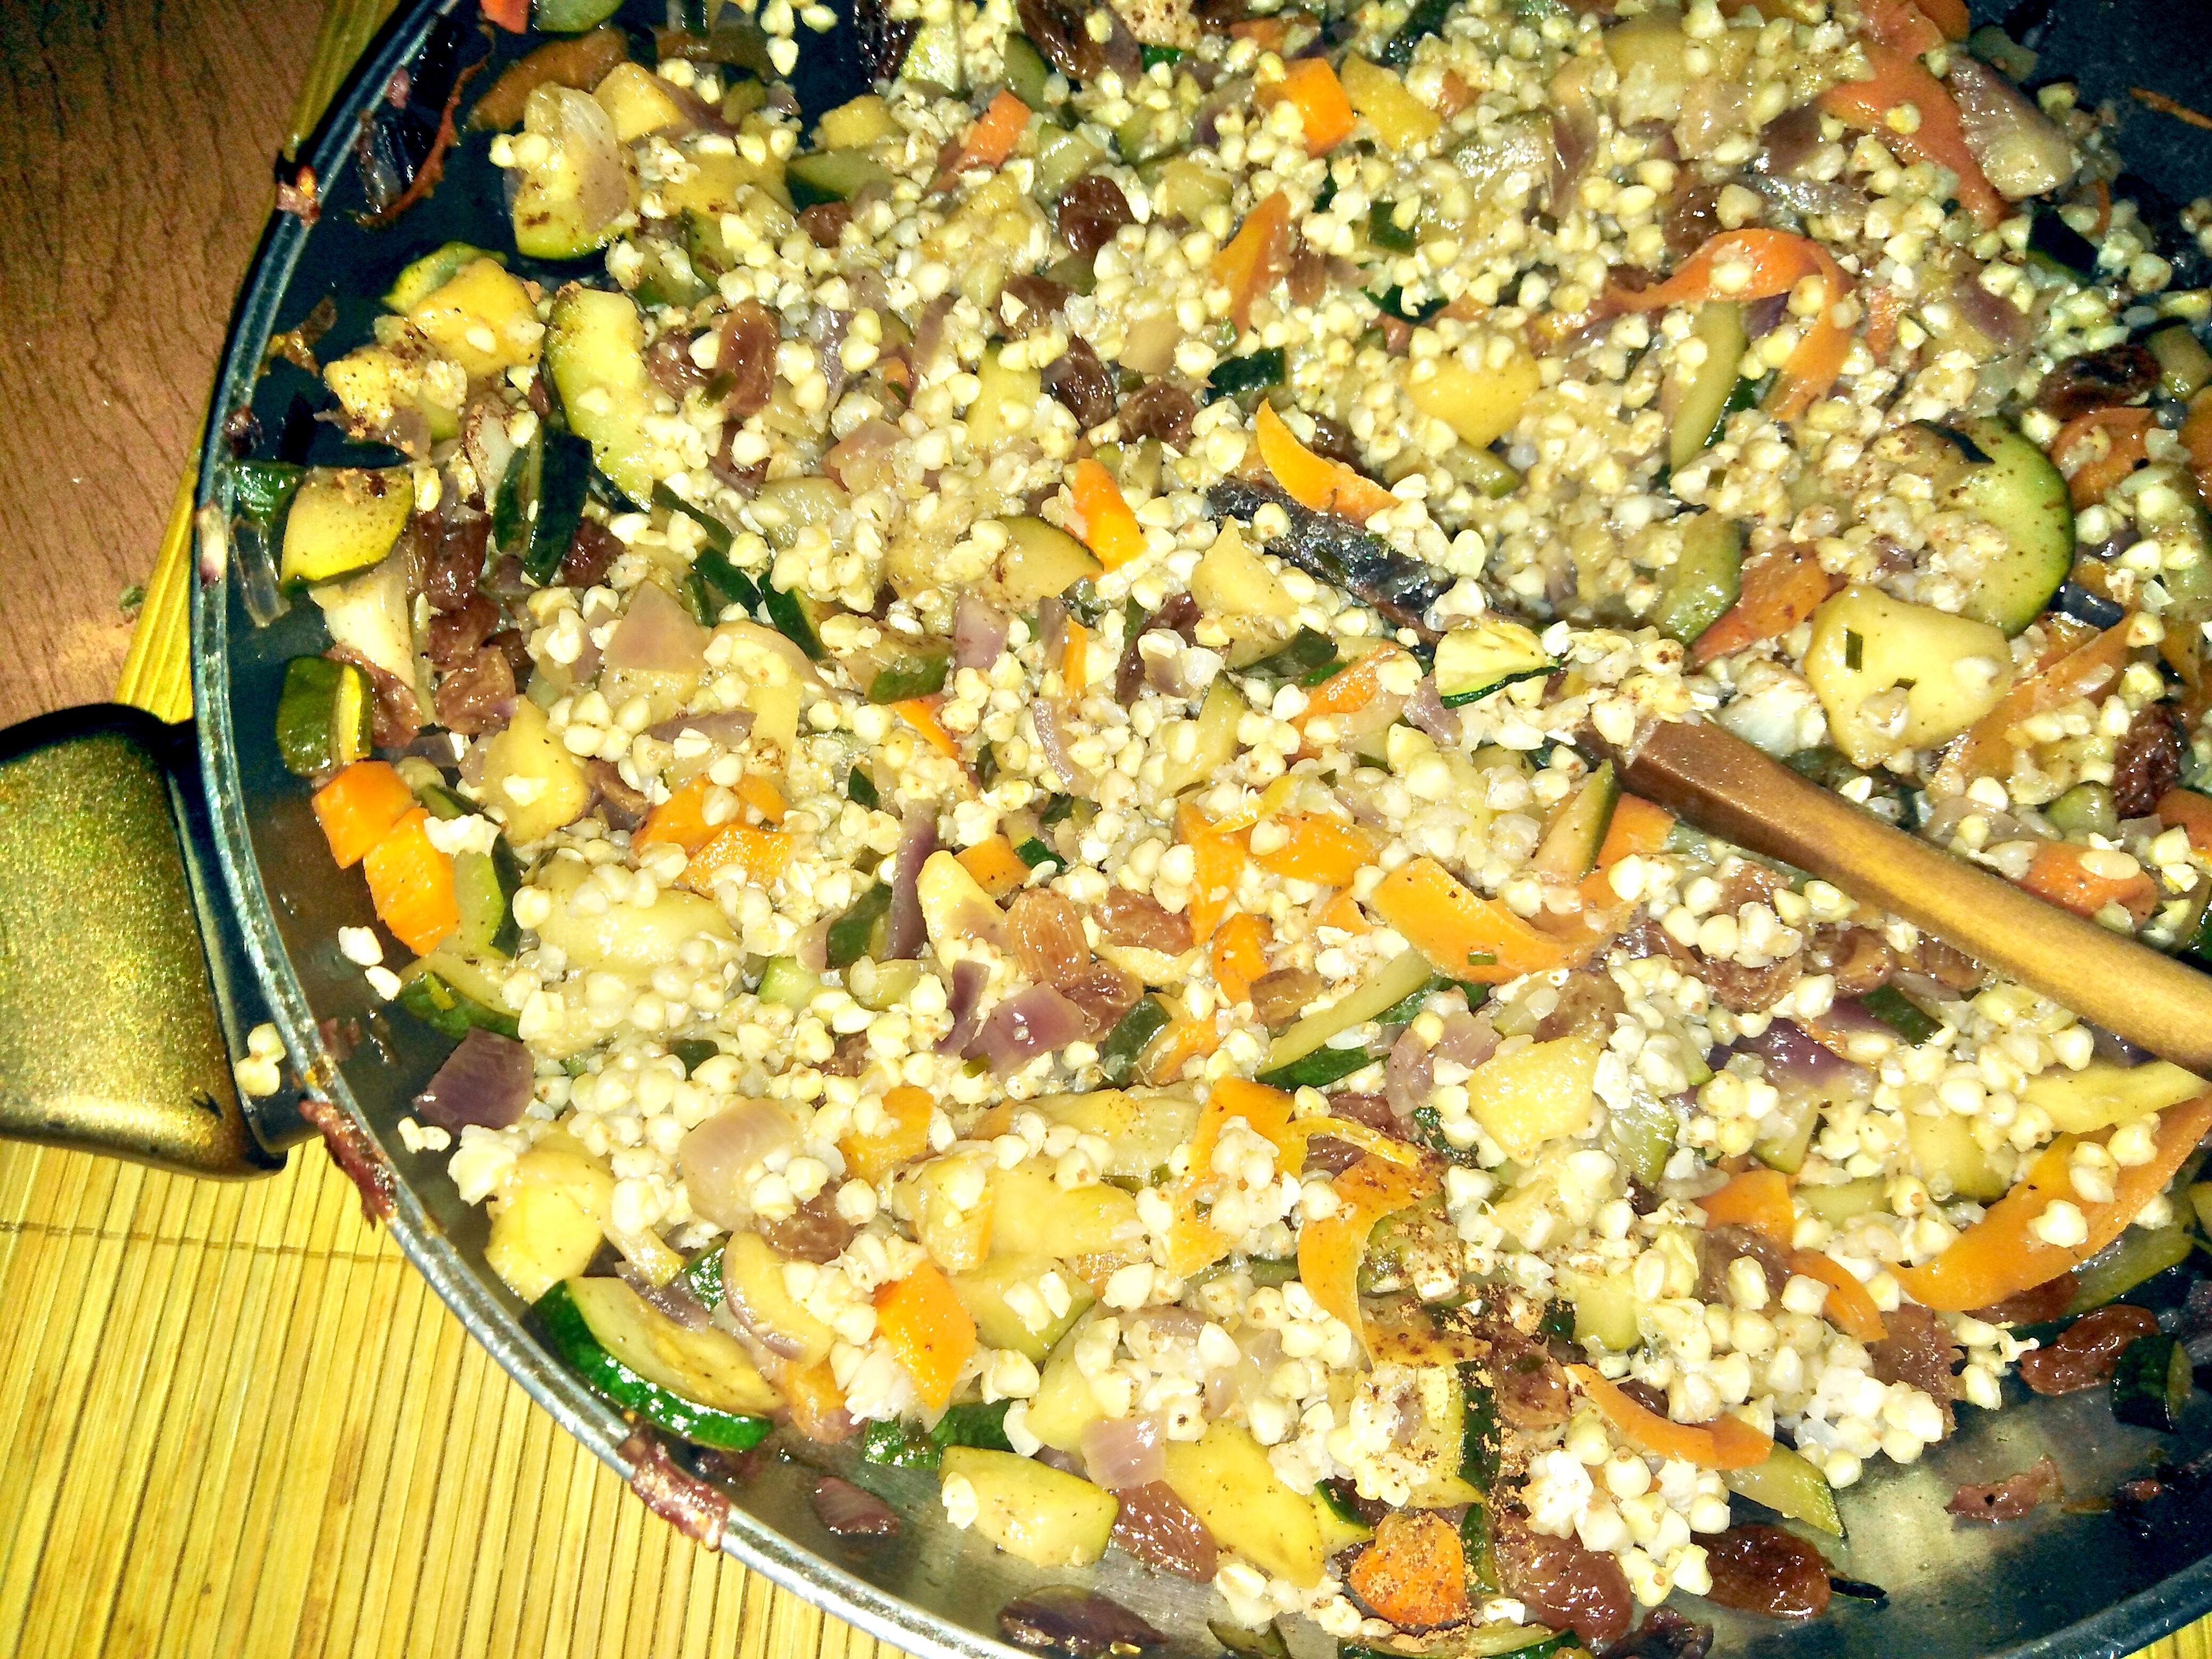 mix-verdura-frutta-grano-saraceno